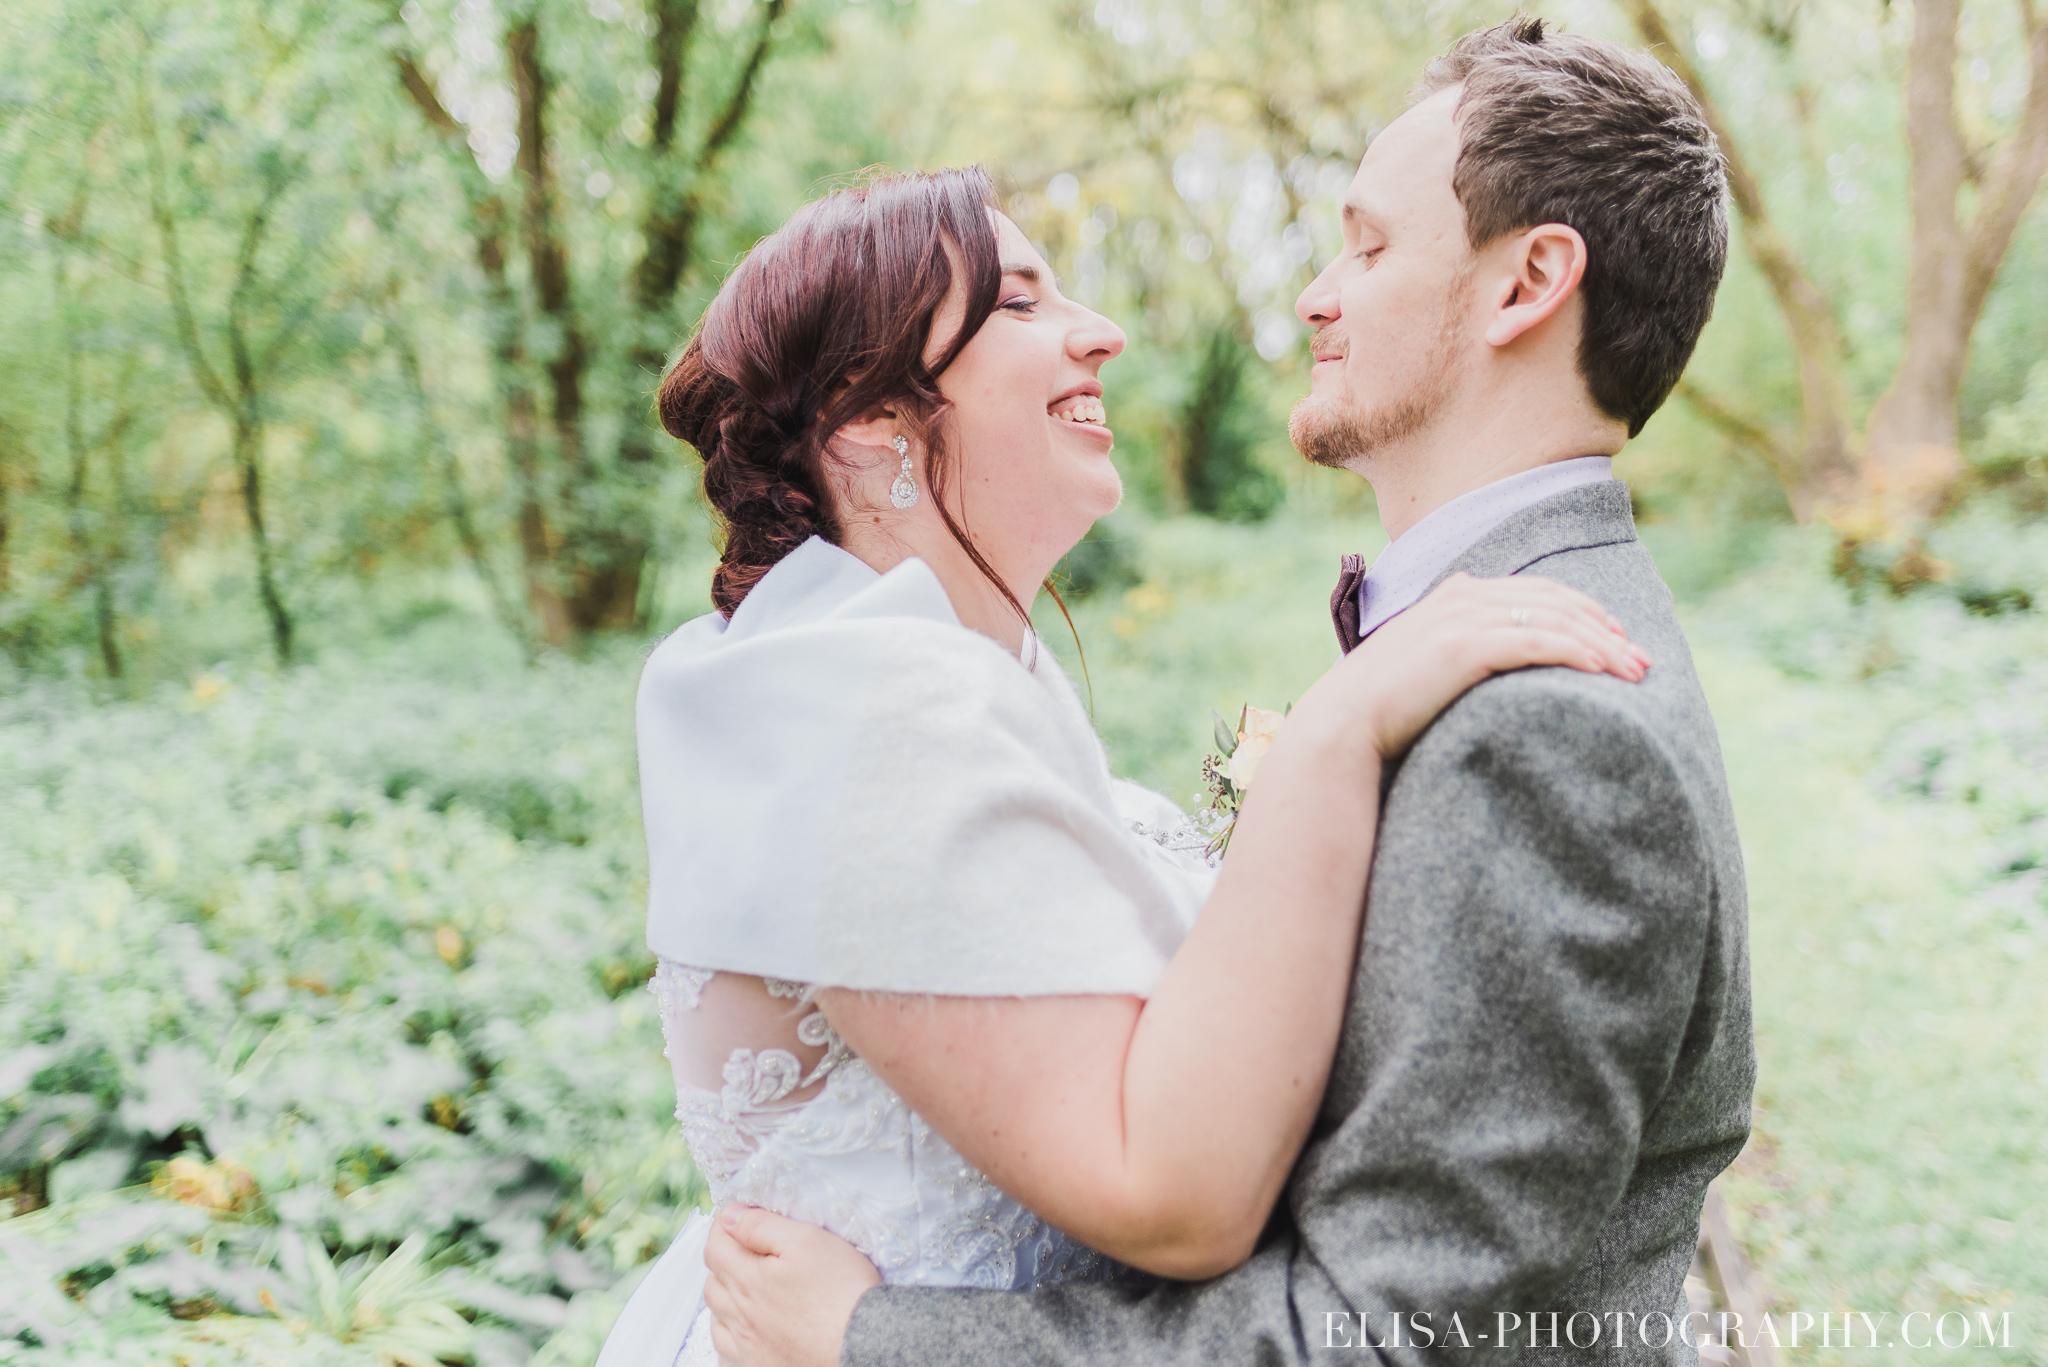 photo mariage automne domaine maizeret quebec naturel lumineuse romantique 5566 - Mariage à saveur automnale à l'Espace Saint-Grégoire